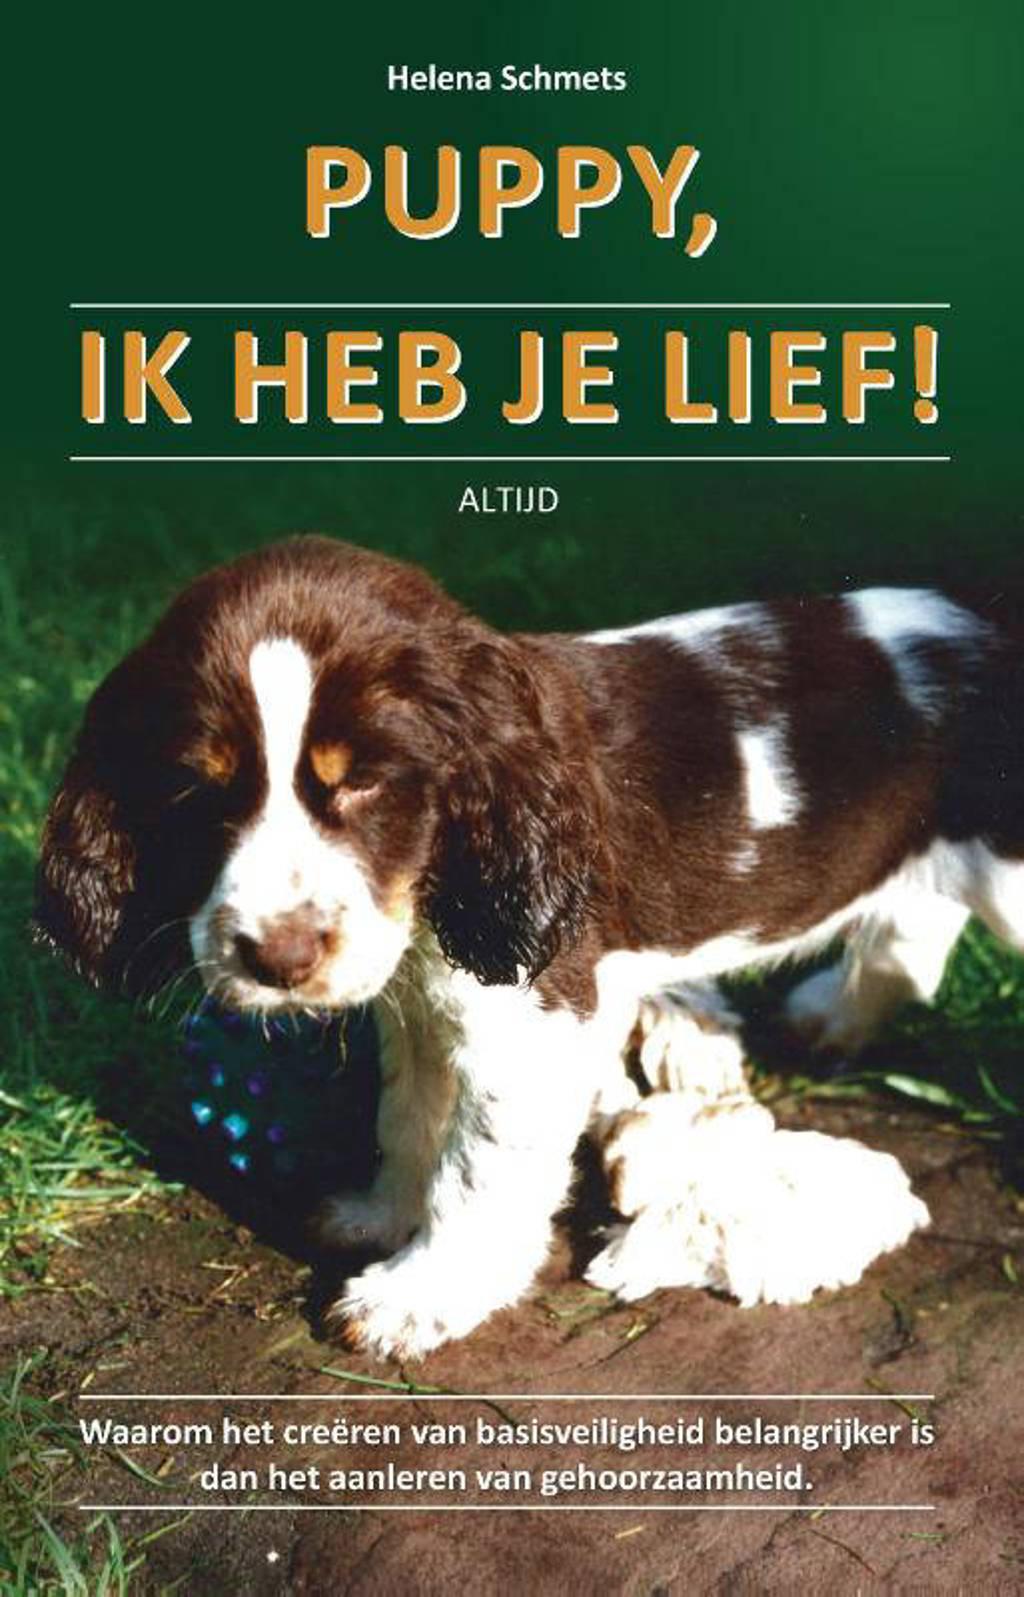 Puppy,ik heb je lief! Van pup tot puber - Helena Schmets